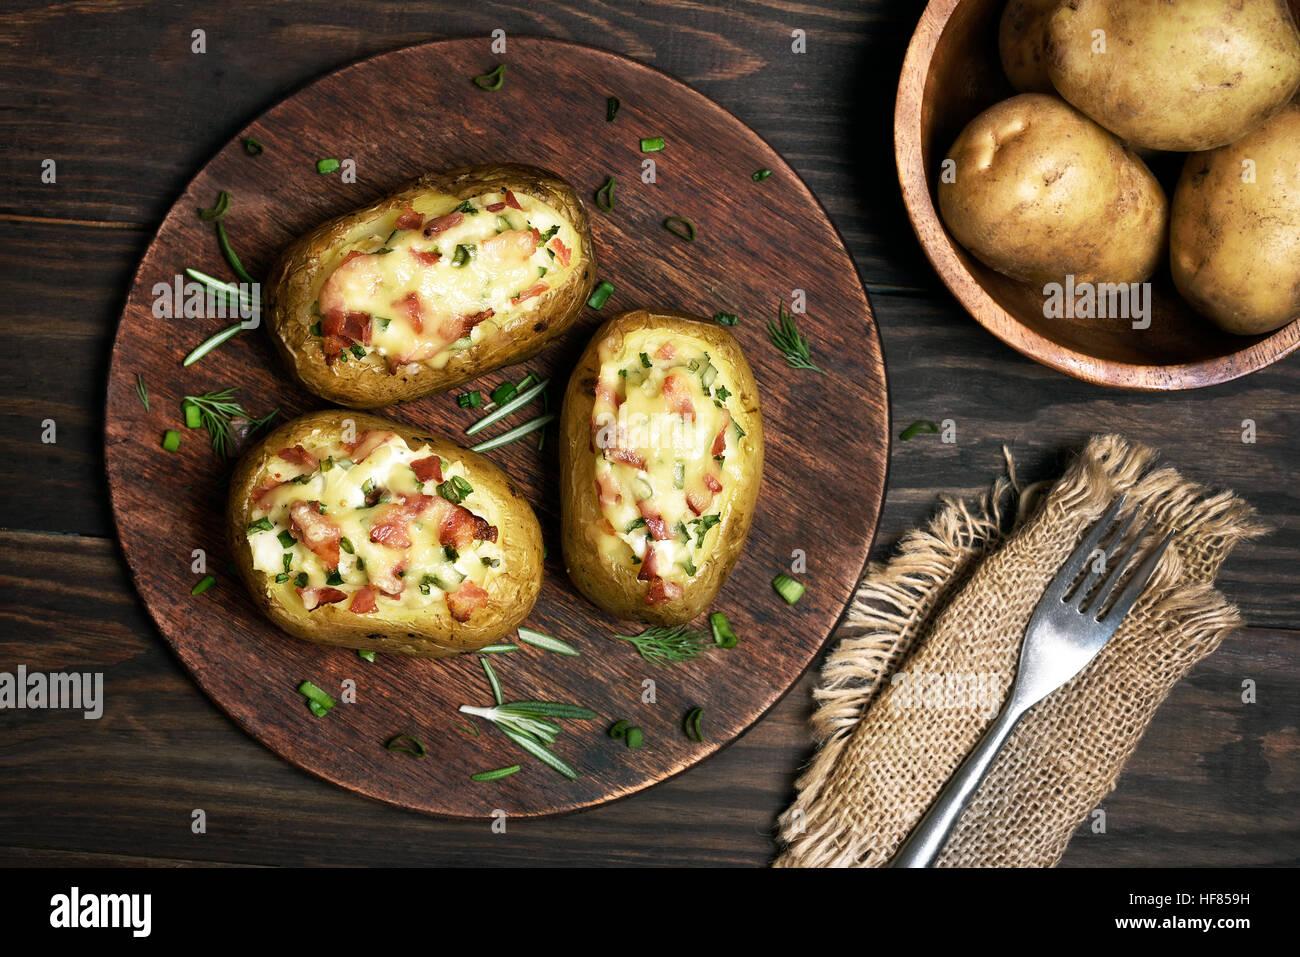 Gebackene gefüllte Kartoffeln mit Speck, Frühlingszwiebeln und Käse, Ansicht von oben Stockbild